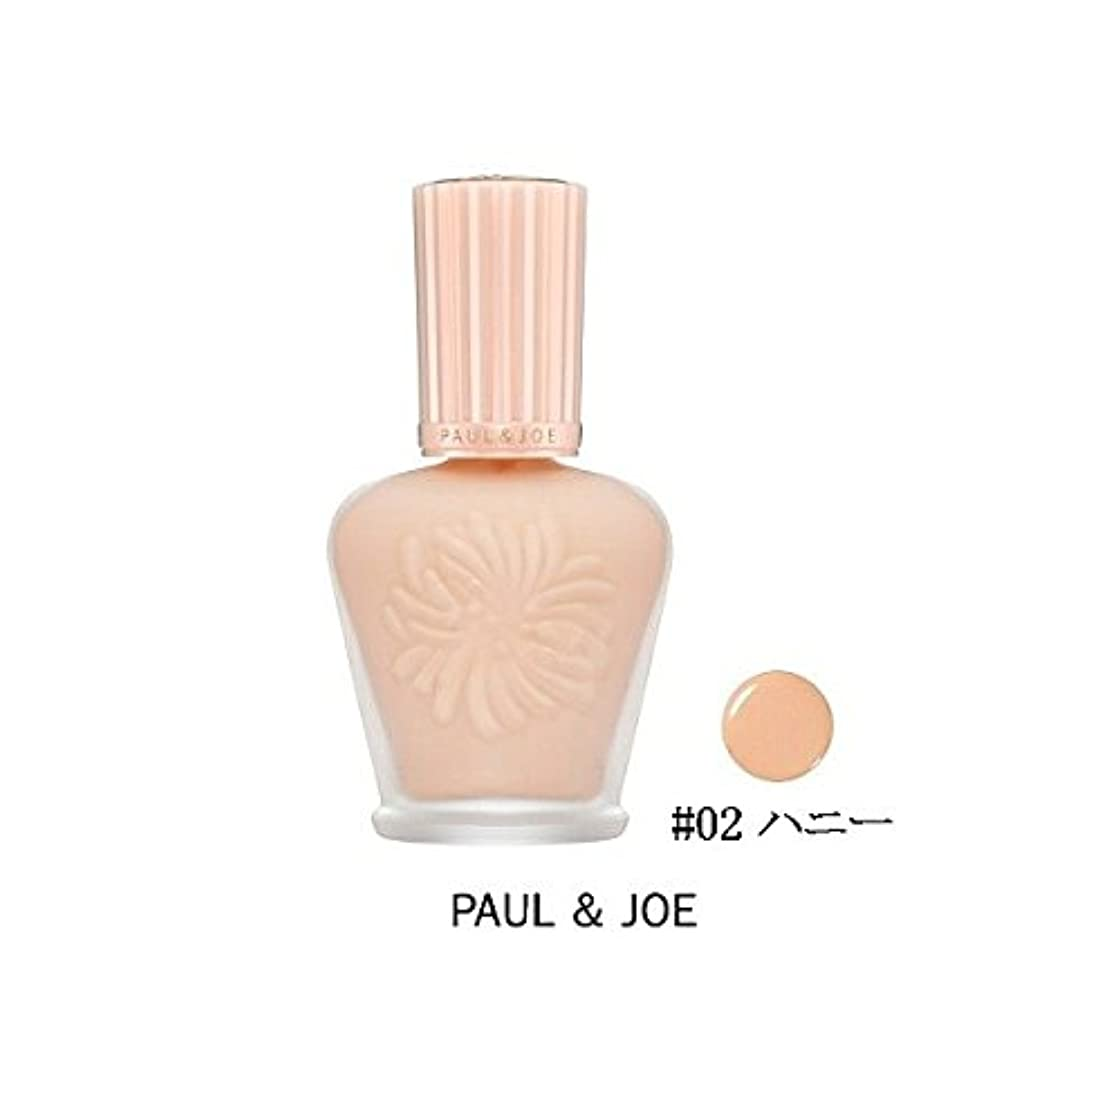 ポール&ジョー(P&J) モイスチュアライジング ファンデーション プライマー S【#02】 #ハニー SPF15/PA+ 30ml